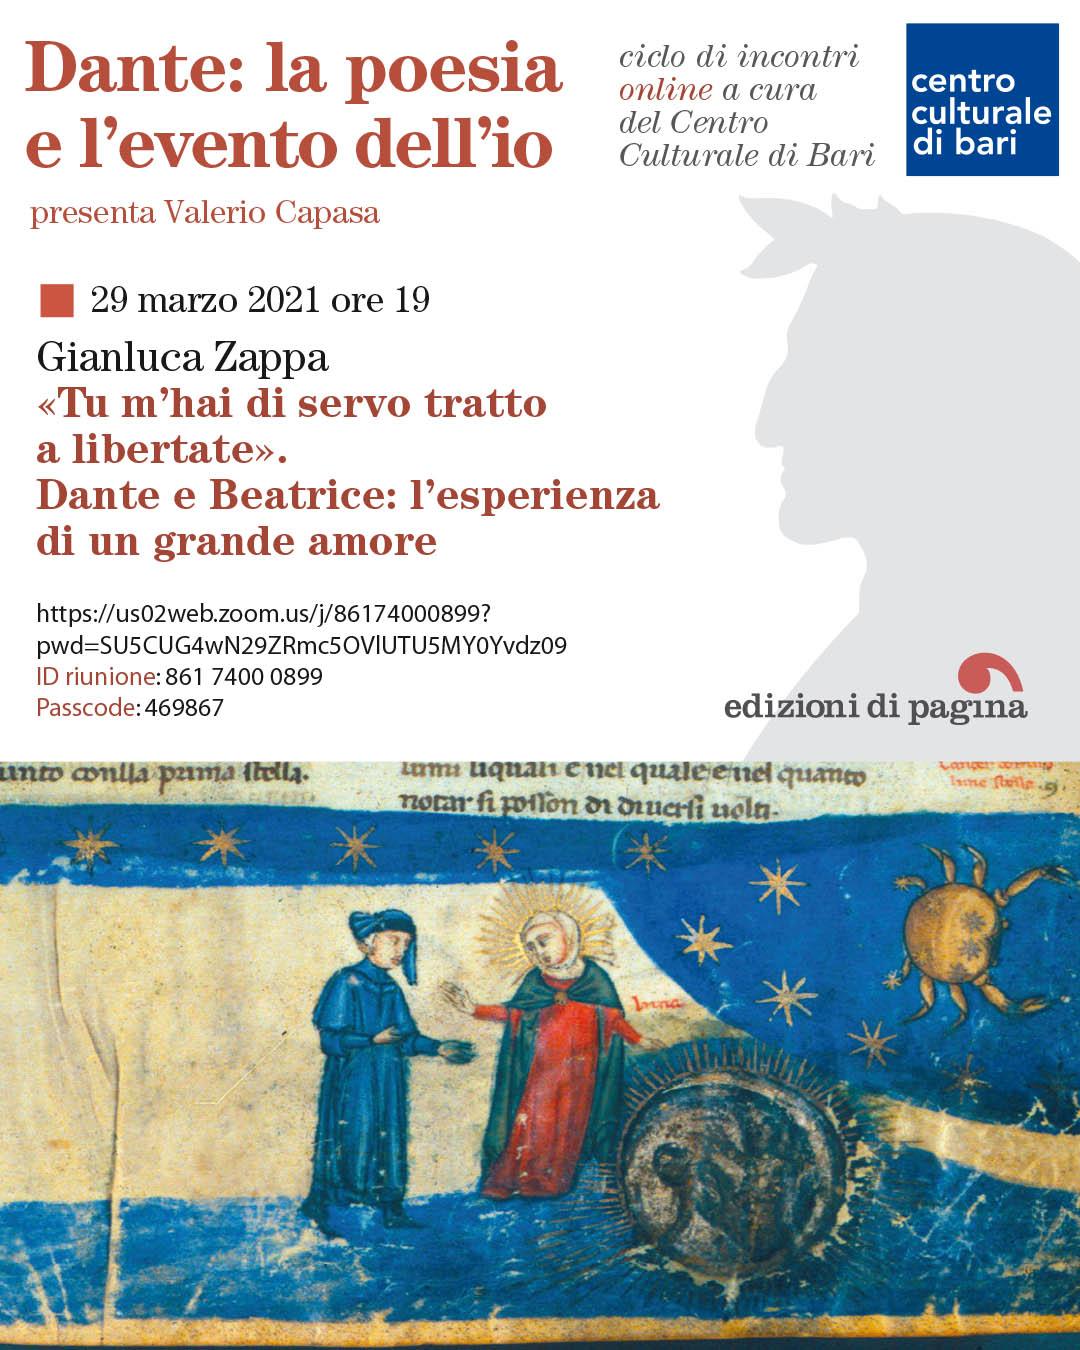 Locandina -lezione-Purgatorio-Dante-Centro-Culturale-di-Bari-2021